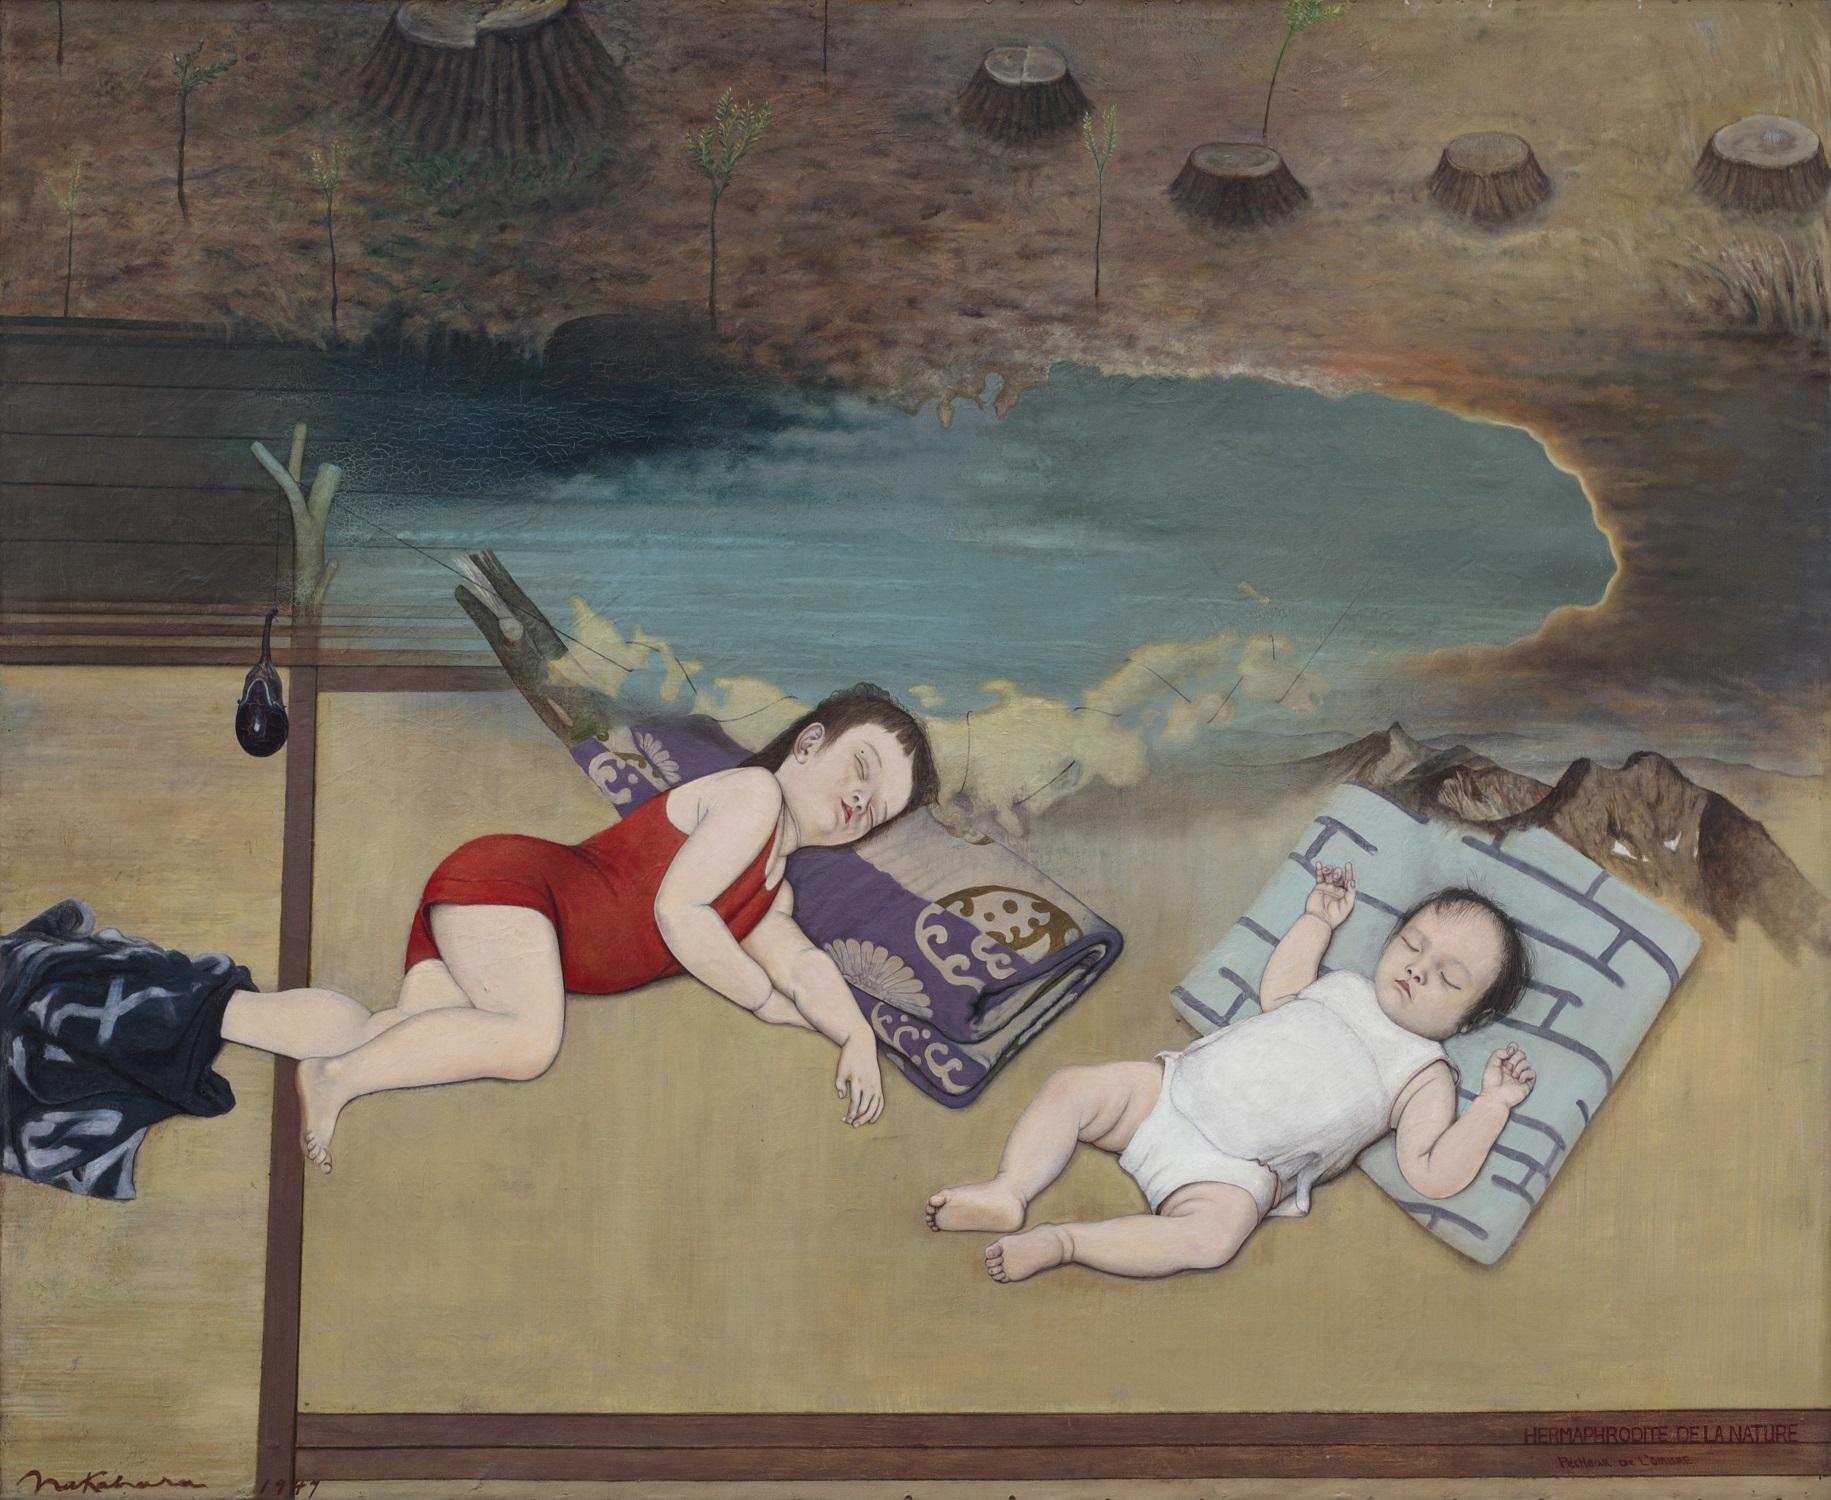 中原實《杉の子》1947